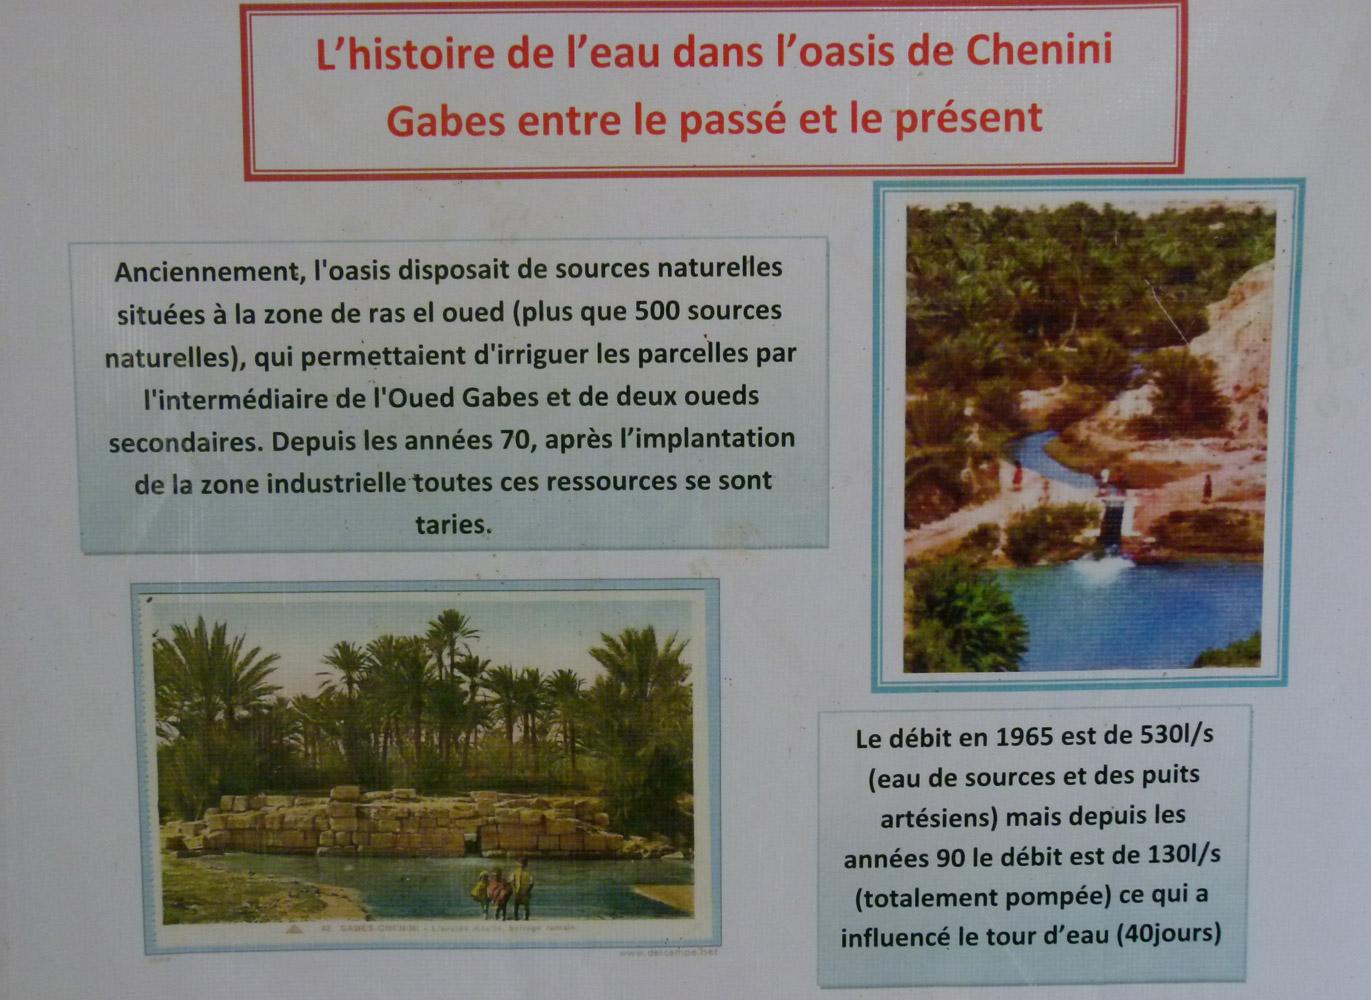 L'oasis de Chenini à Gabès a été vidée de son eau à cause de l'usine pétrochimique.